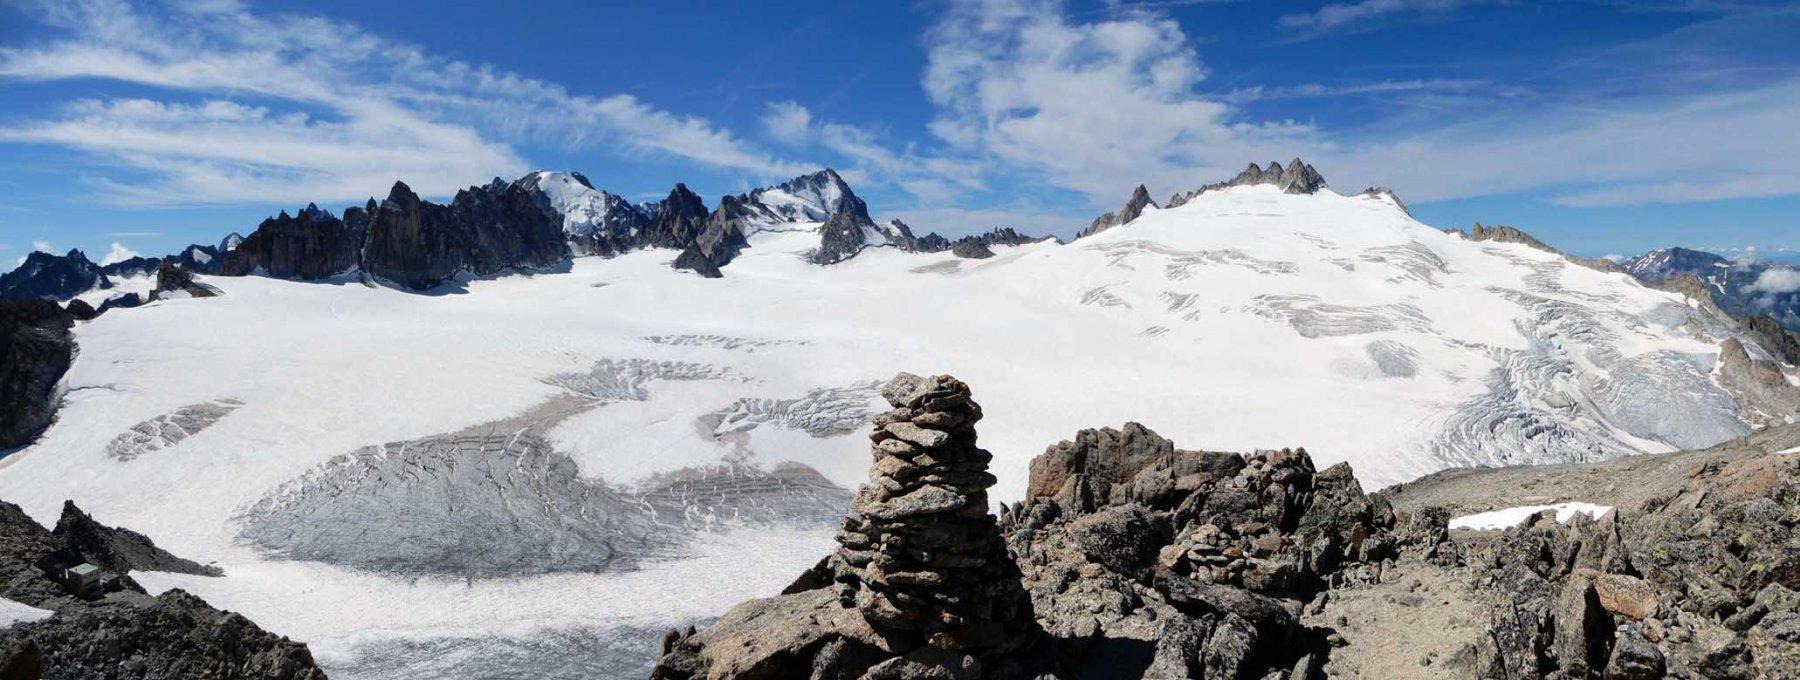 ghiacciaio del trient con aig. d'argentiere, di chardonnet, du pissoir e du tour